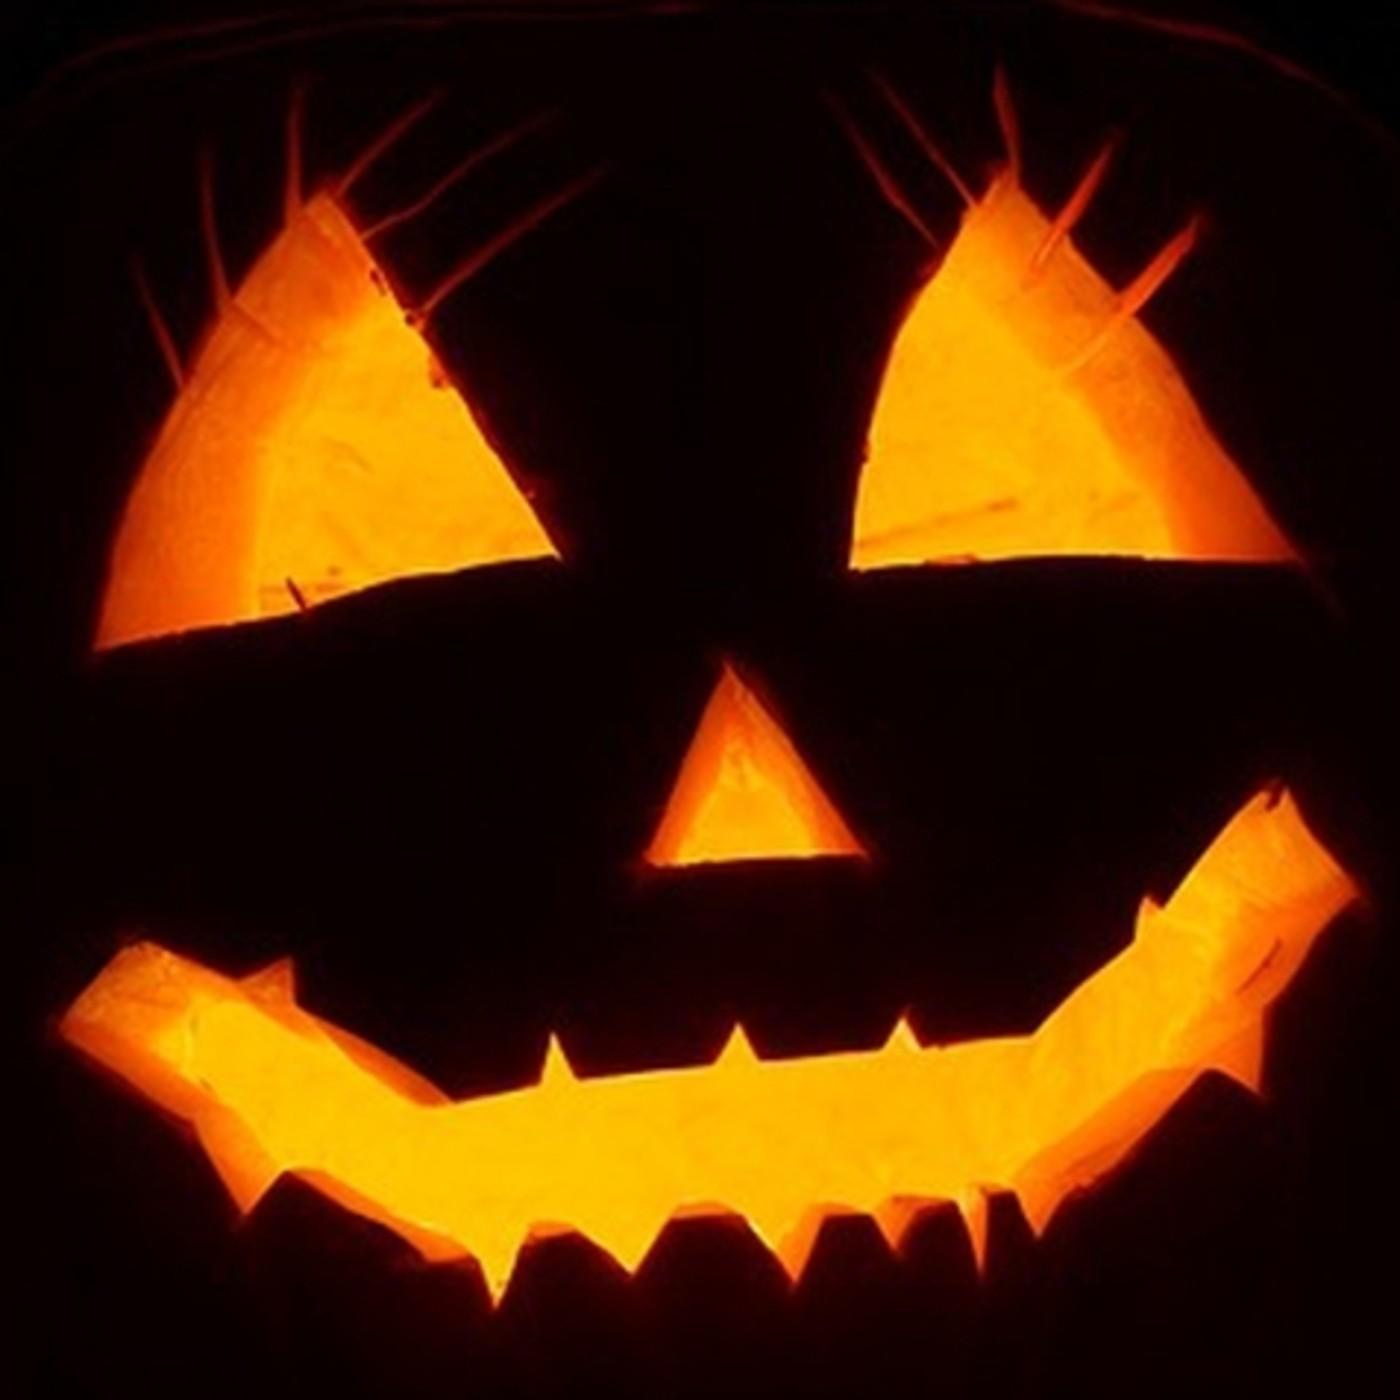 RocksinManeras 05x03: Especial Halloween